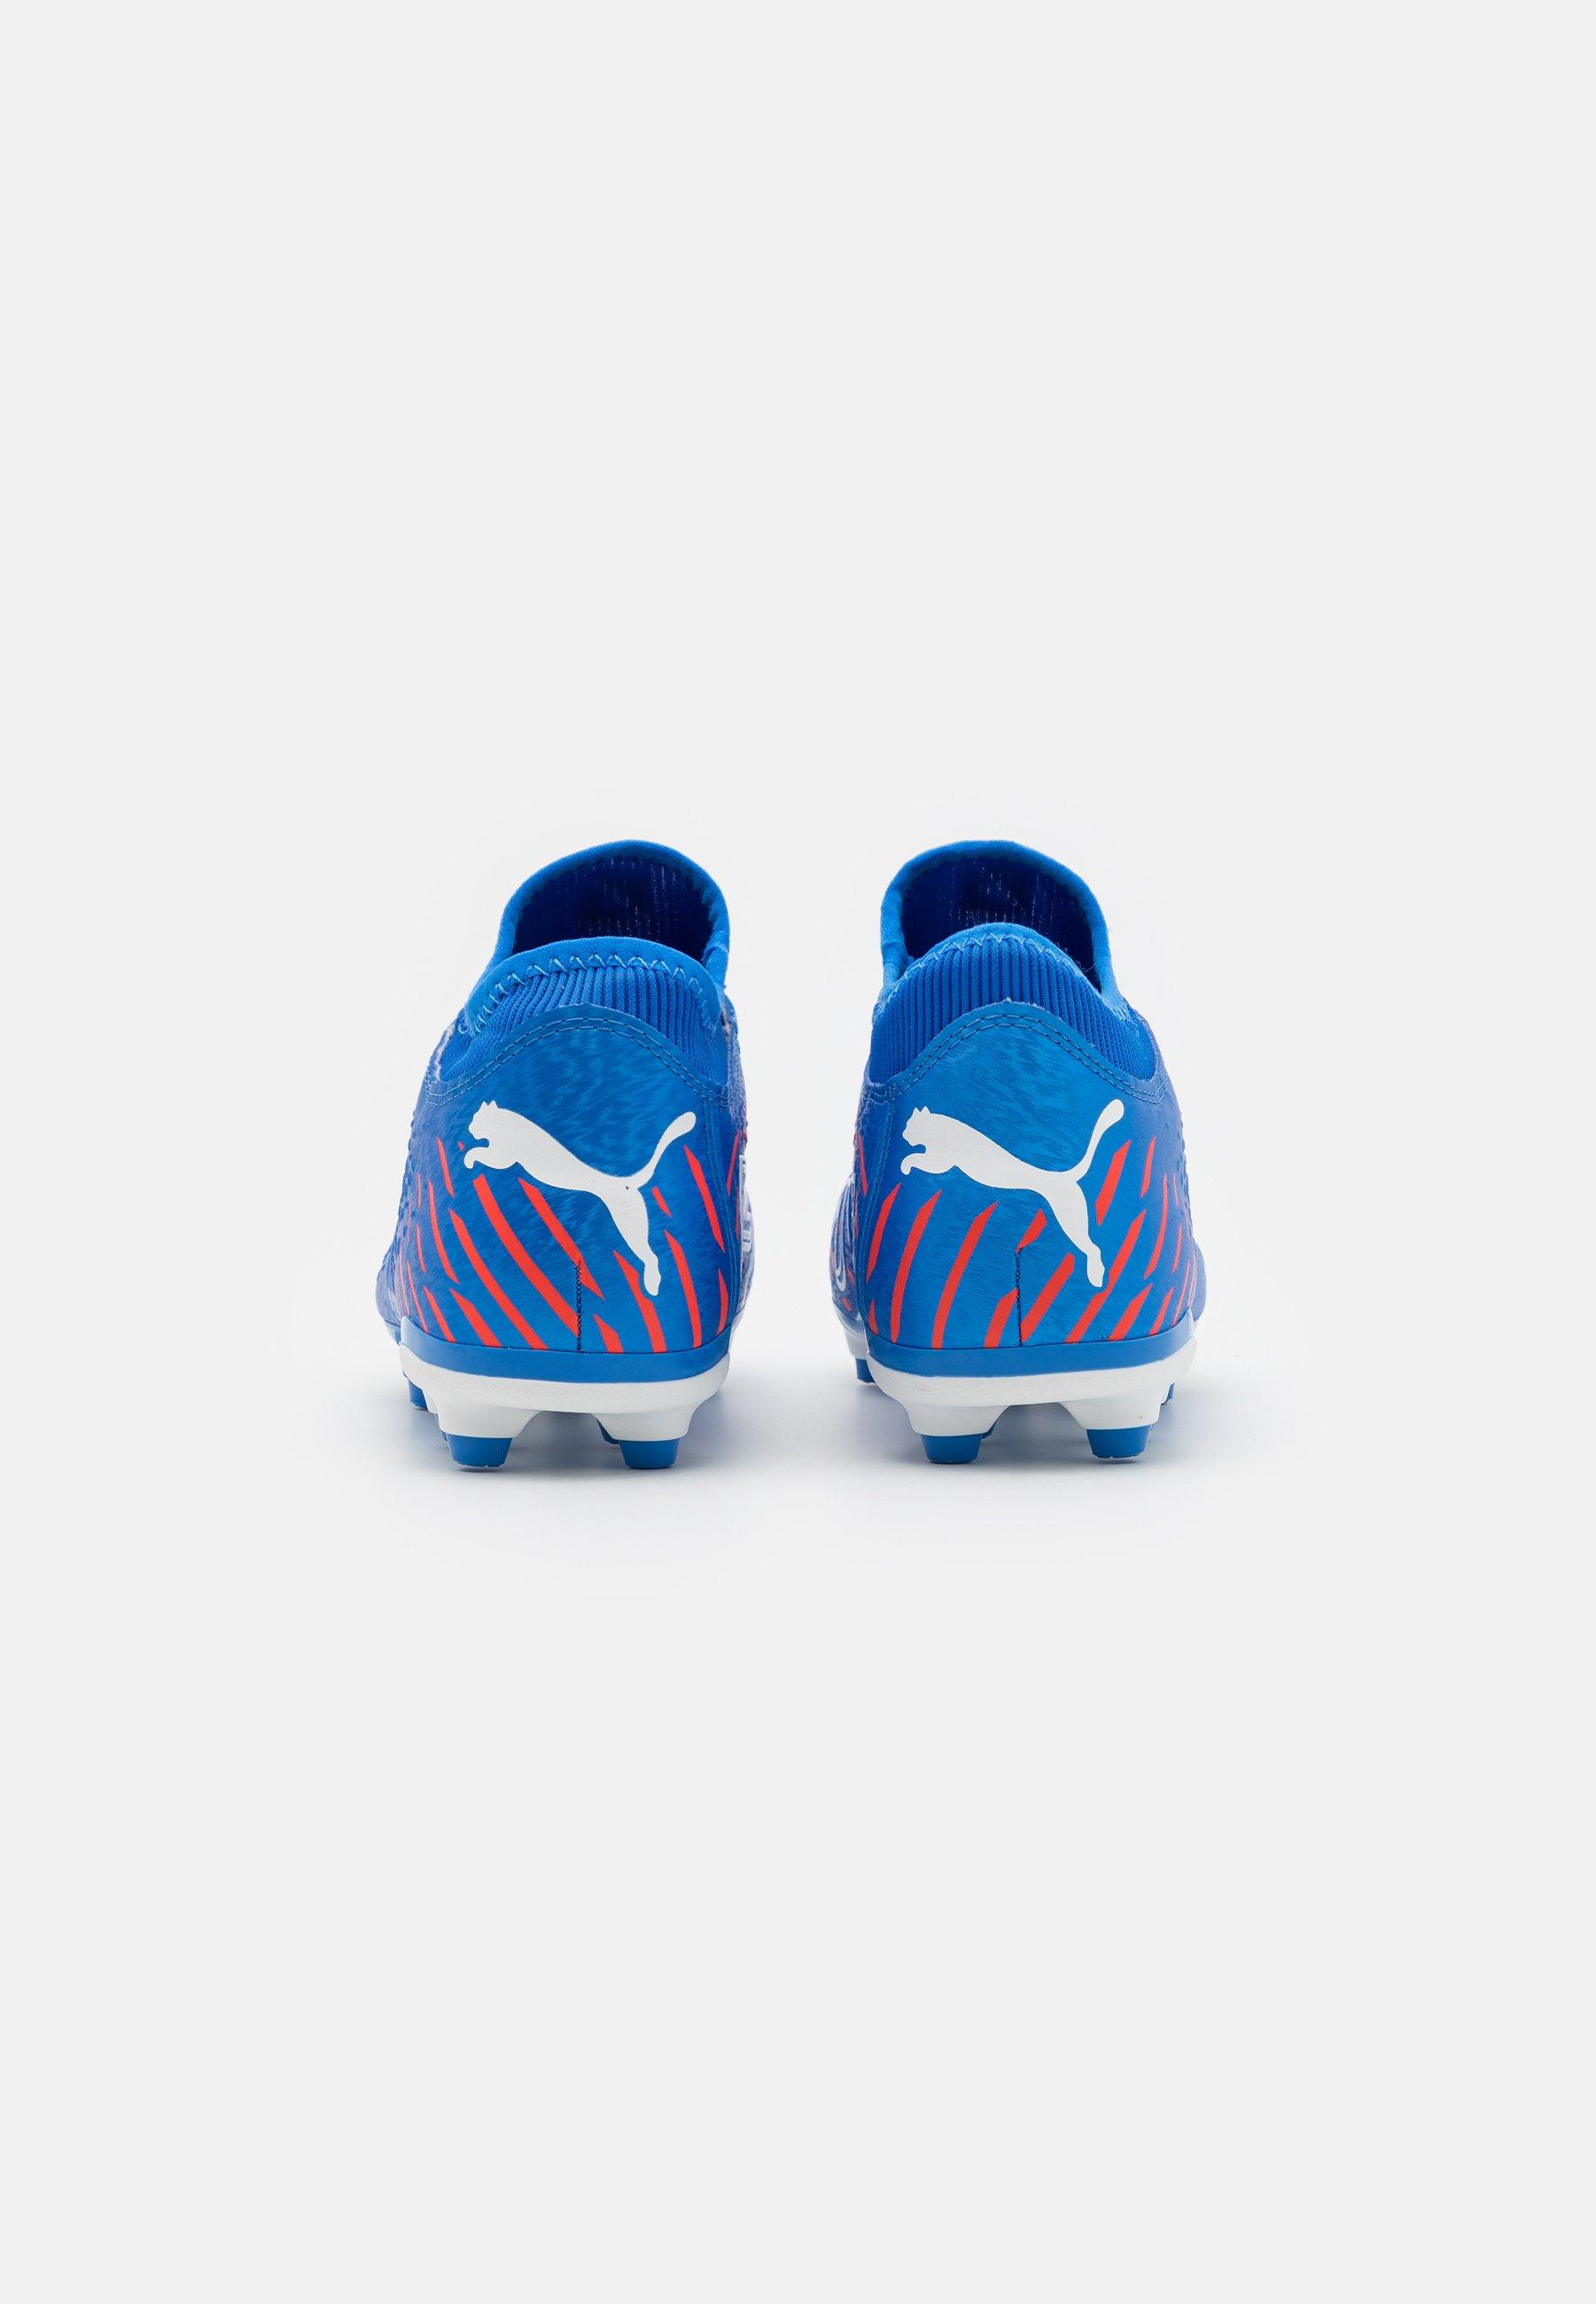 Homme FUTURE Z 4.2 FG/AG - Chaussures de foot à crampons